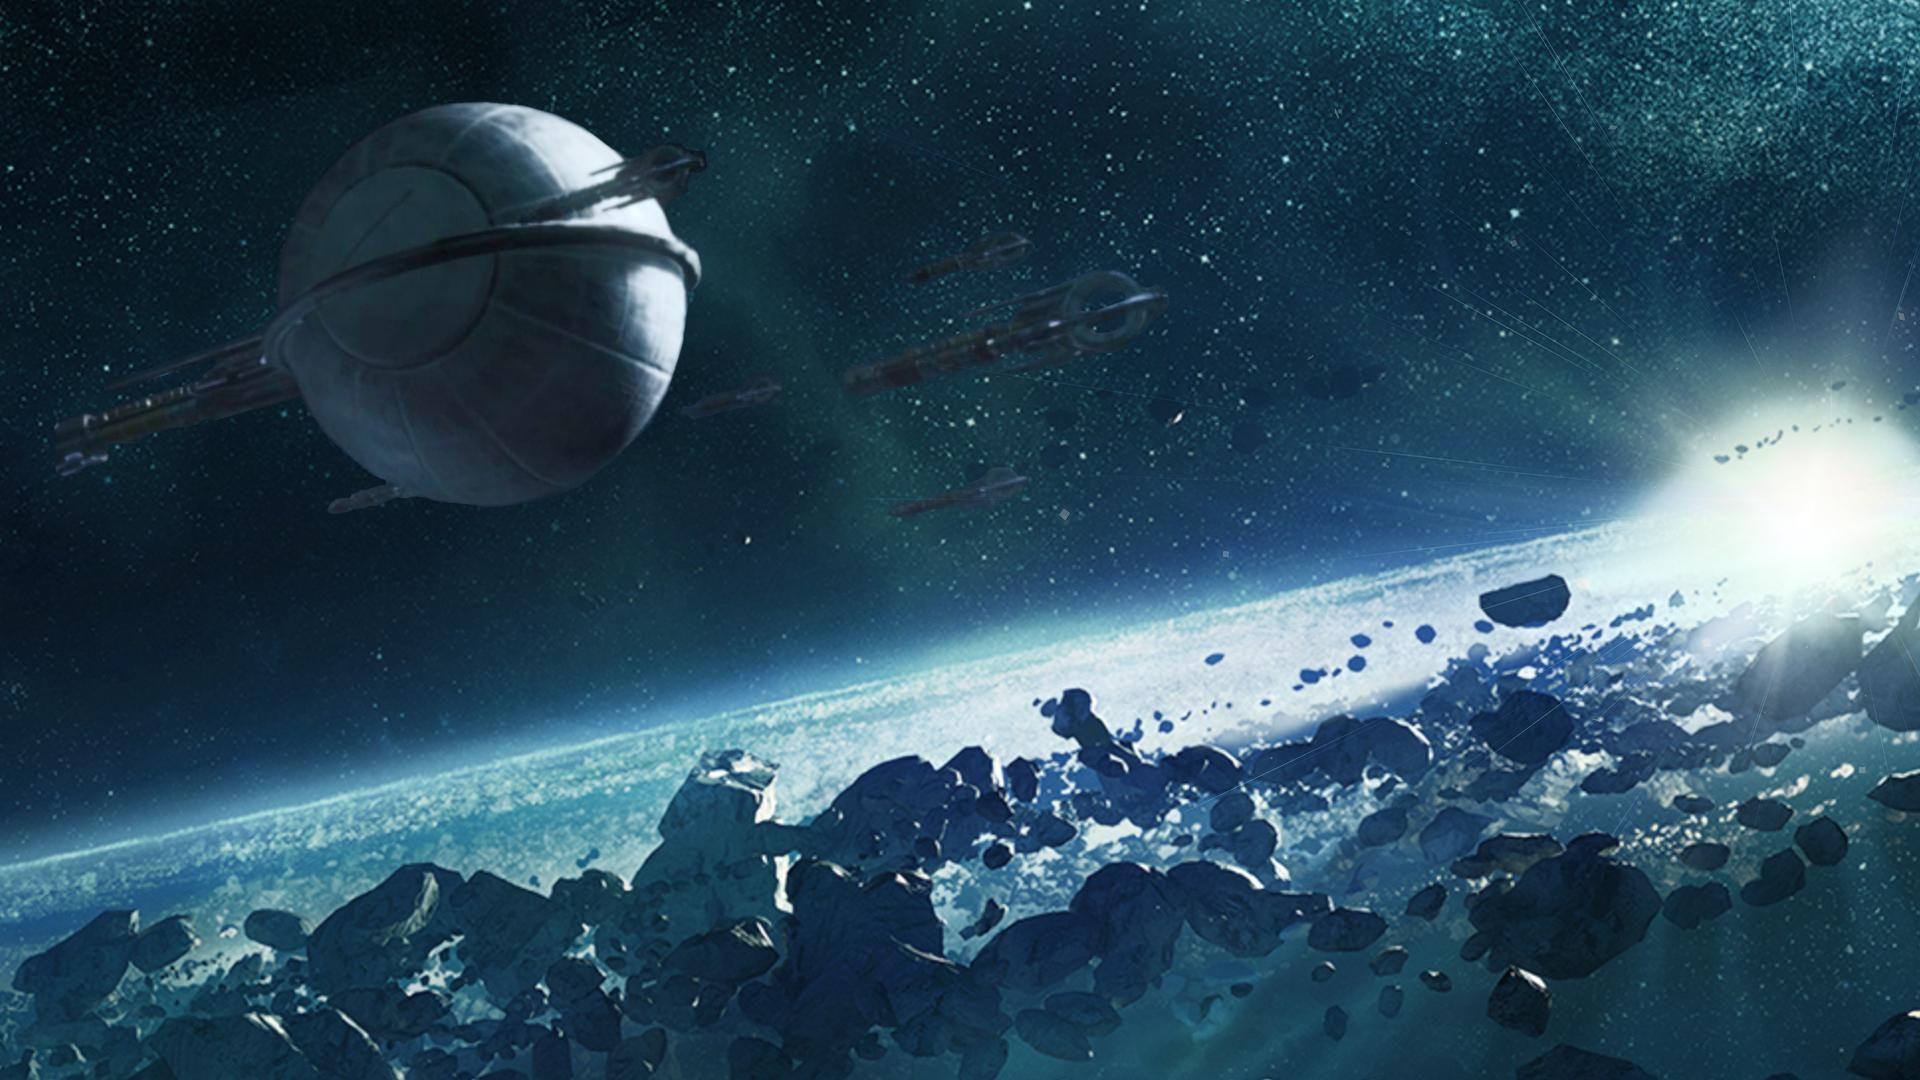 Mass Effect Wallpaper Best Inspirational High Quality Mass Wallpaper Backgrounds Mass Effect Desktop Wallpaper 1920x1080